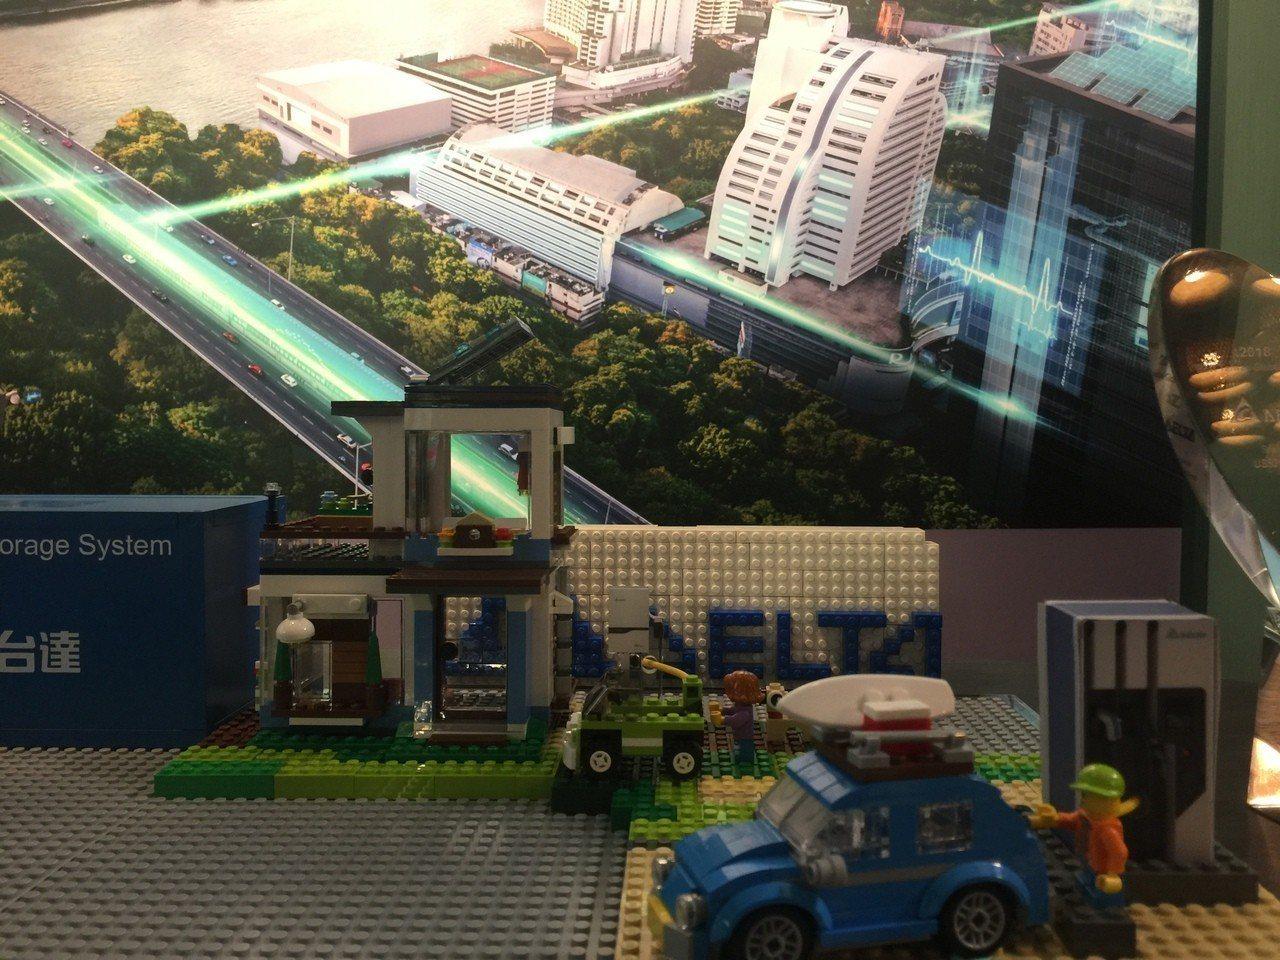 台達以樂高積木打造的低碳城市模型,將台達的技術如何在分散式能源的系統中實現,一一...